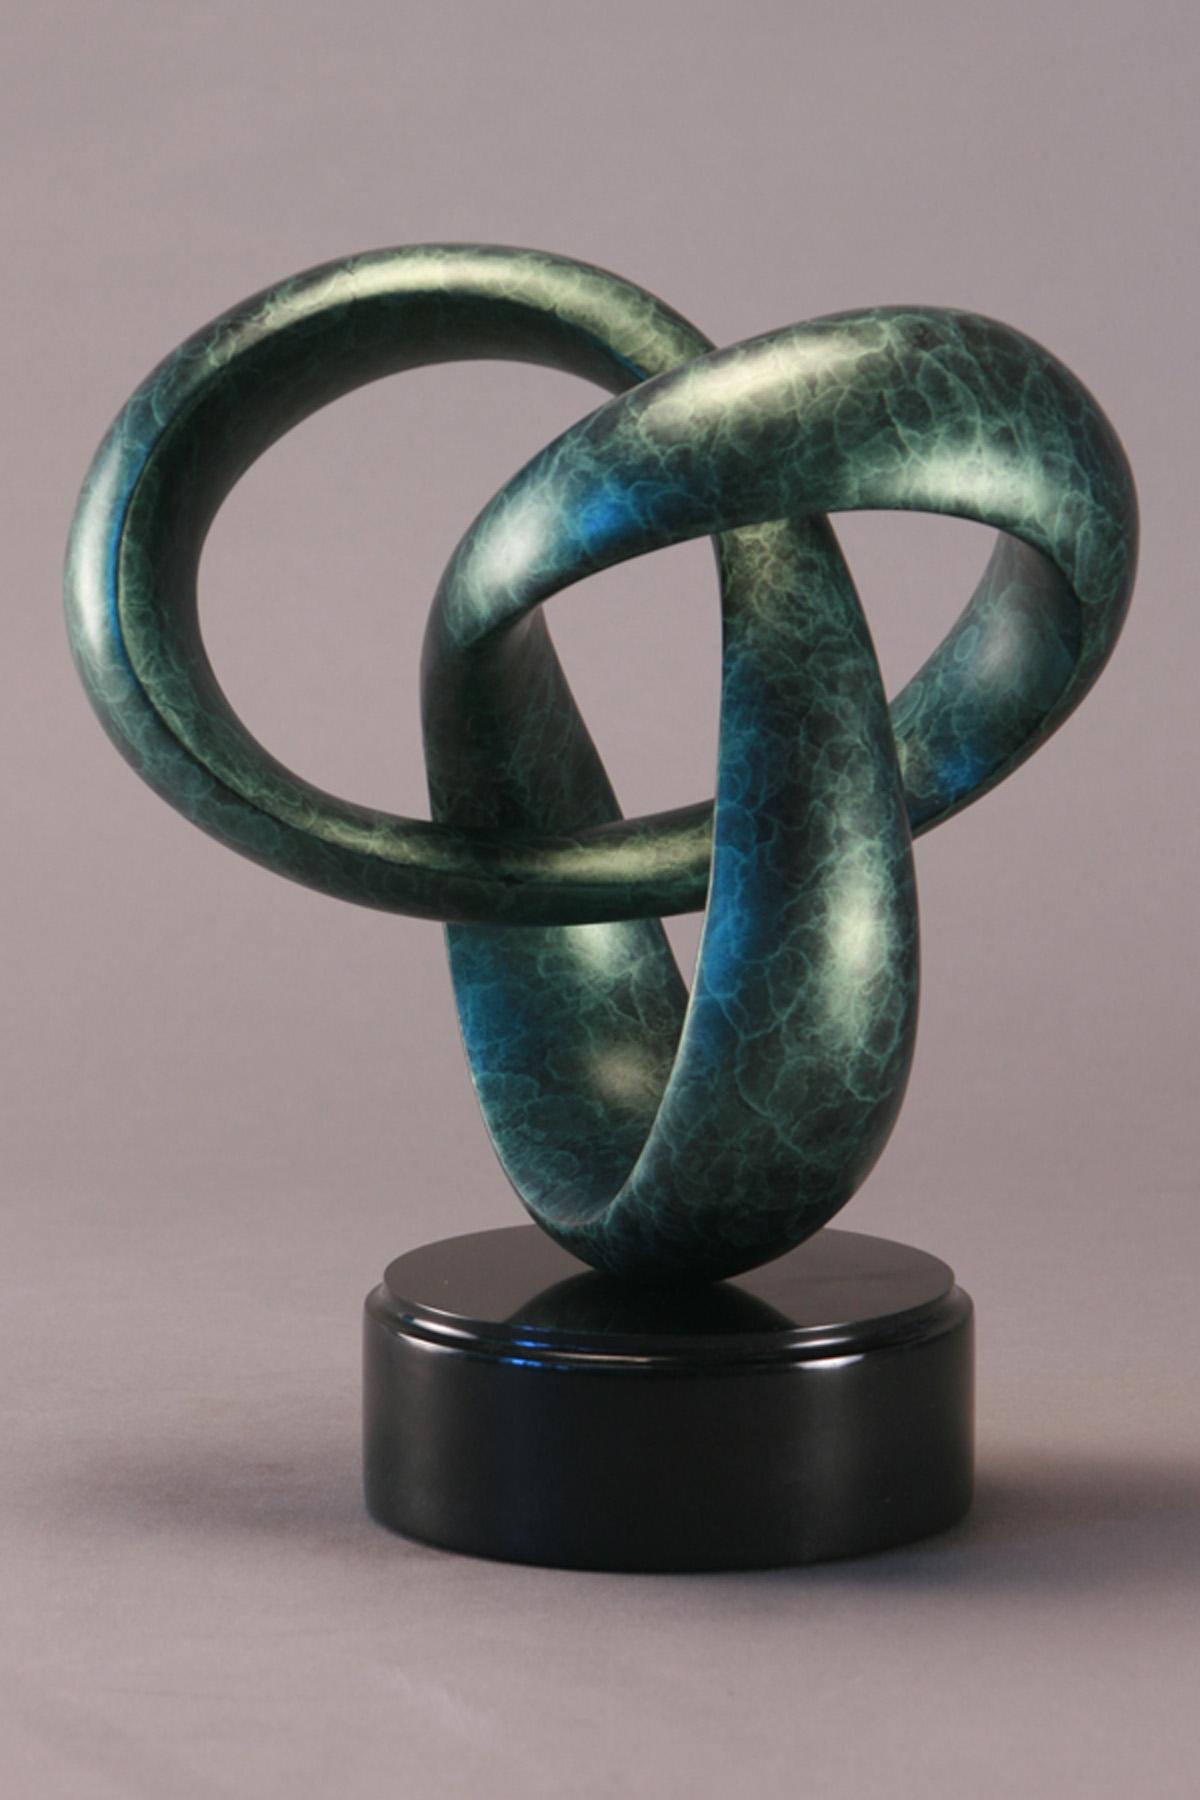 Catena, Bronze, 11 x 9 inches